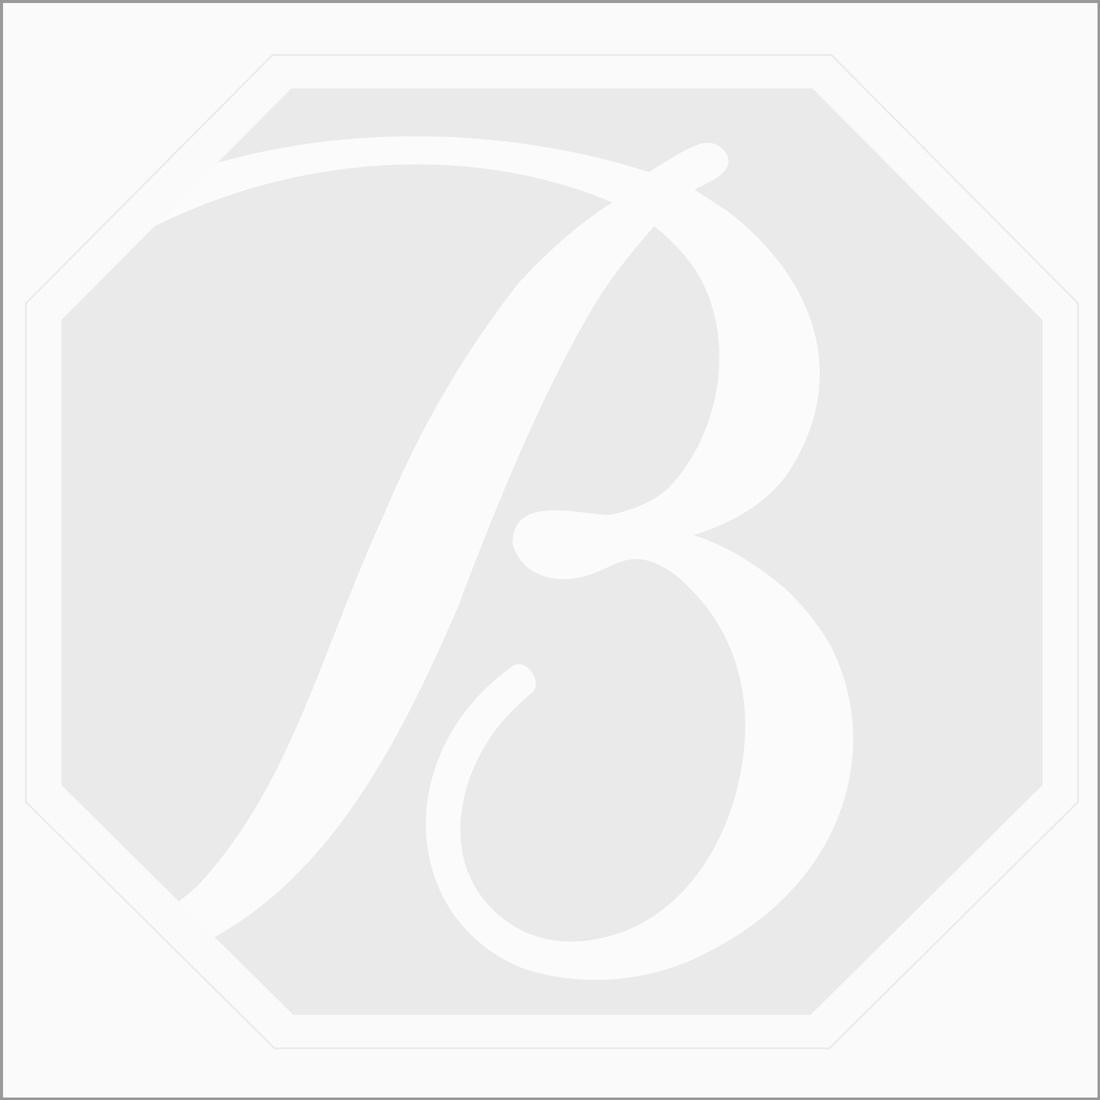 18 Pcs - Dark Brown Smoky Quartz Rose Cut - 100.53 ct. - 13 x 9 x 4 mm to 18 x 13 x 4 mm (SQRC1003)